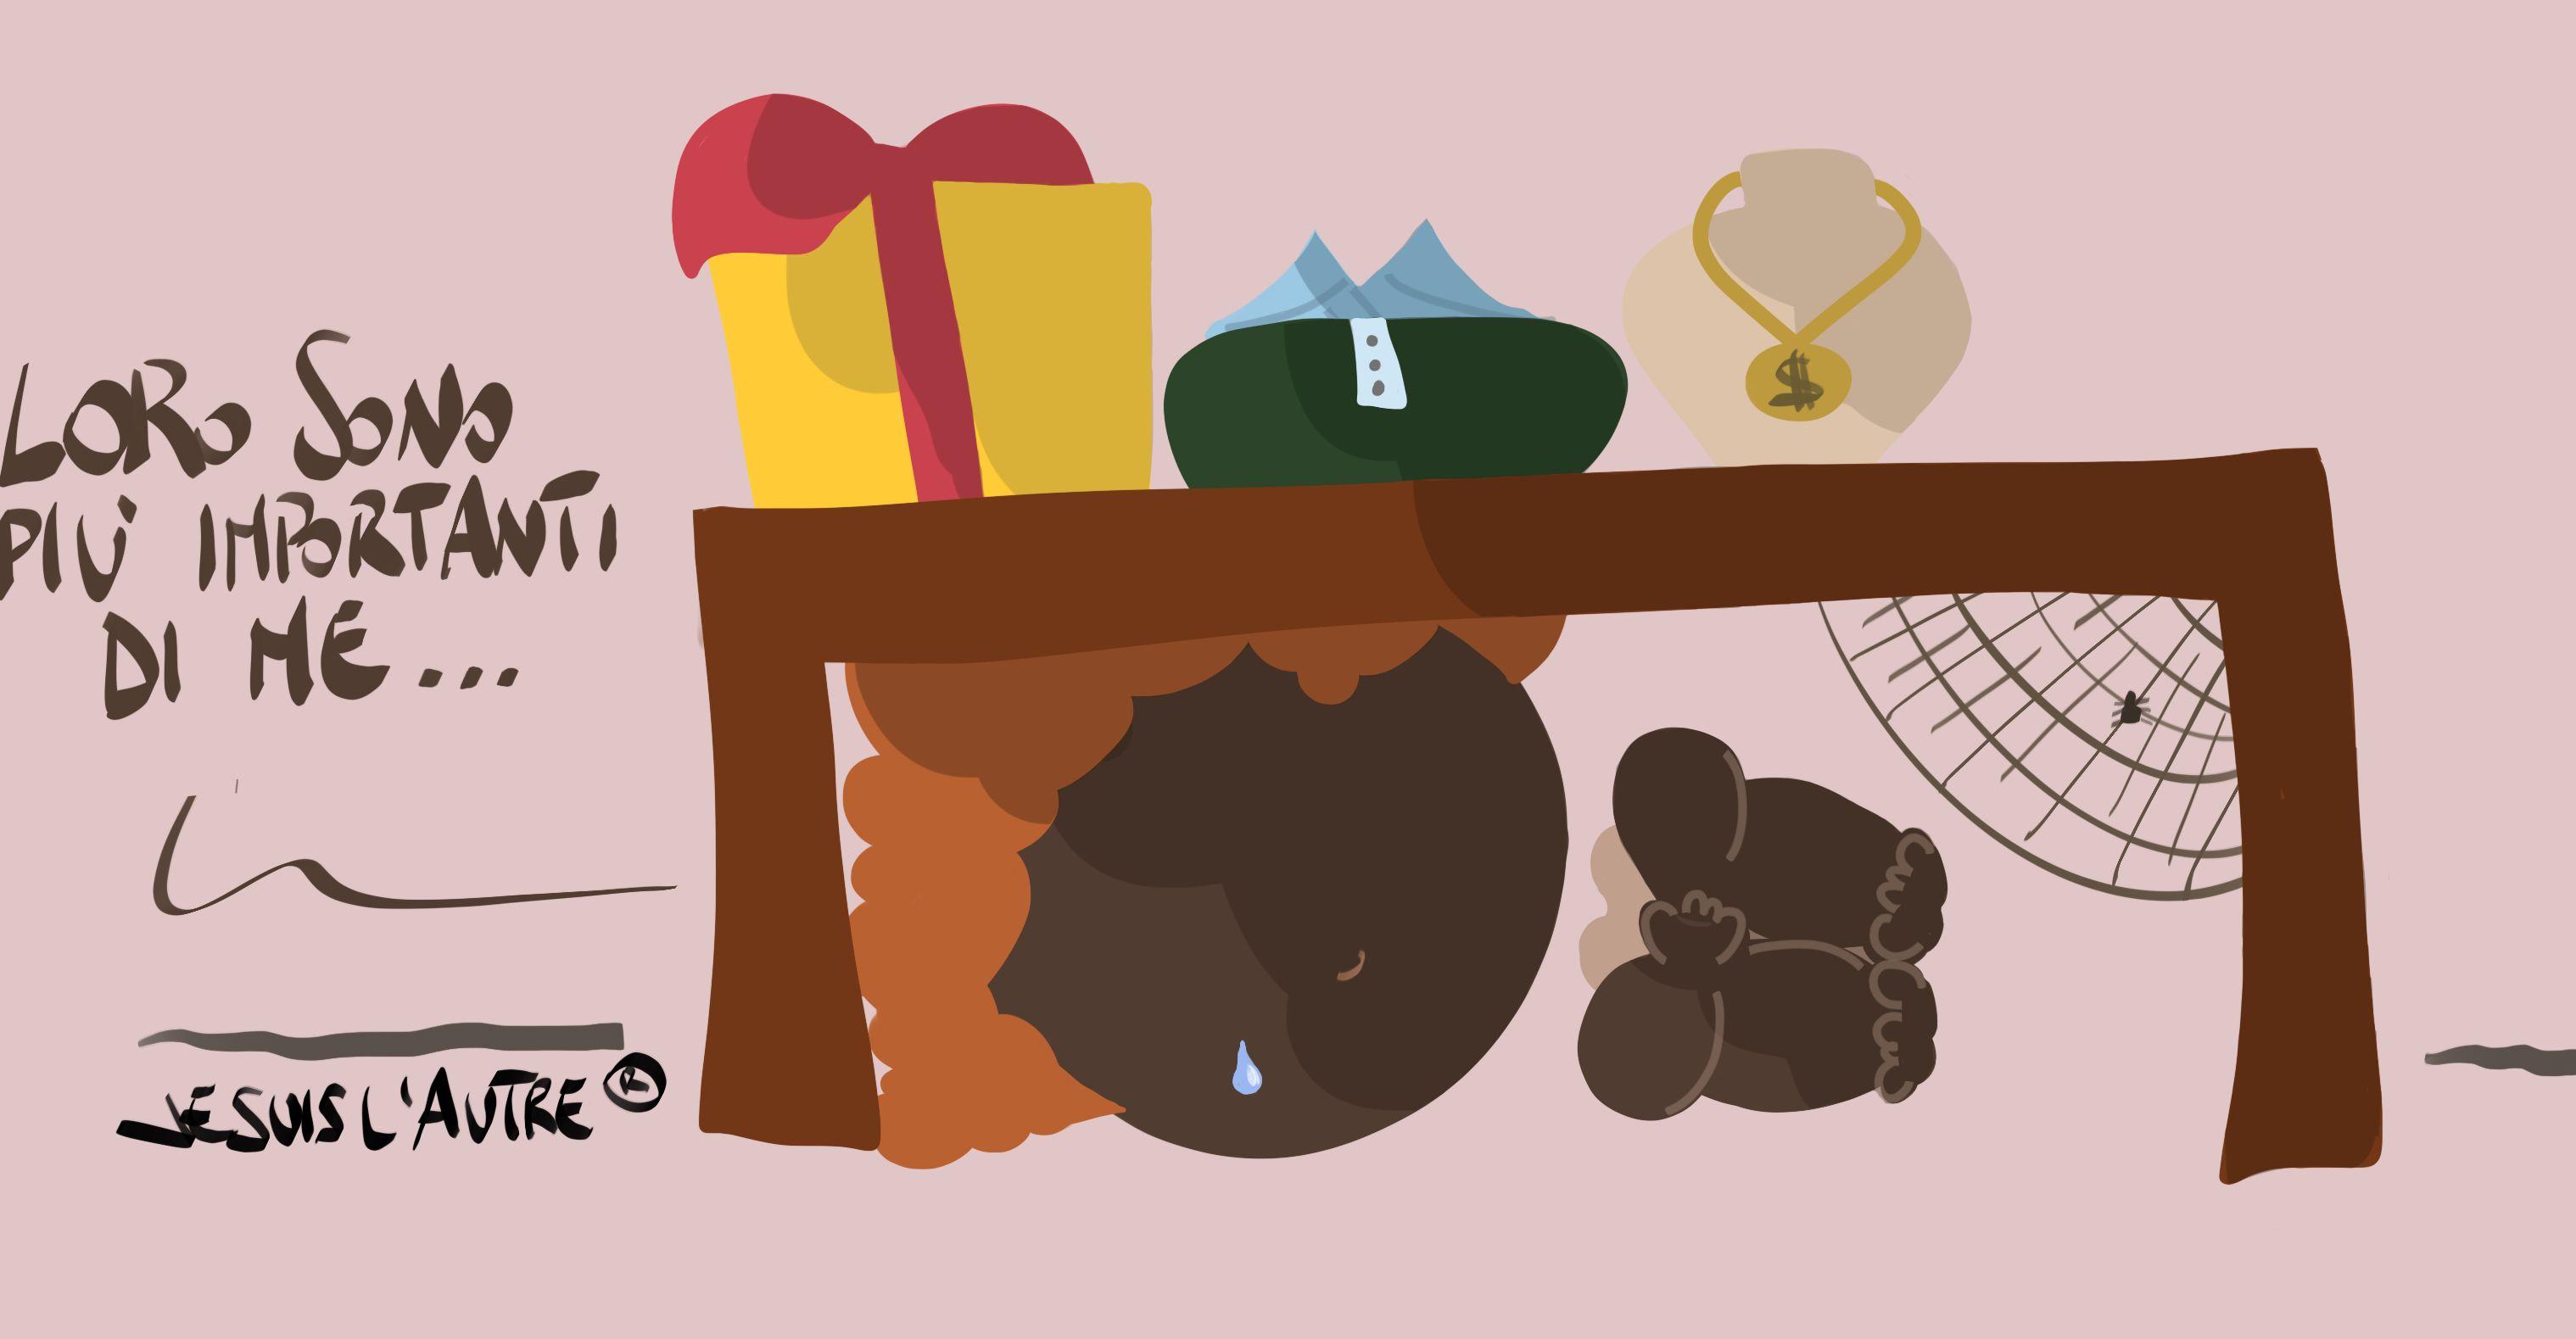 Illustrazione: 'loro sono più importanti di me' dice un povero guardando una vetrina con regali lussuosi